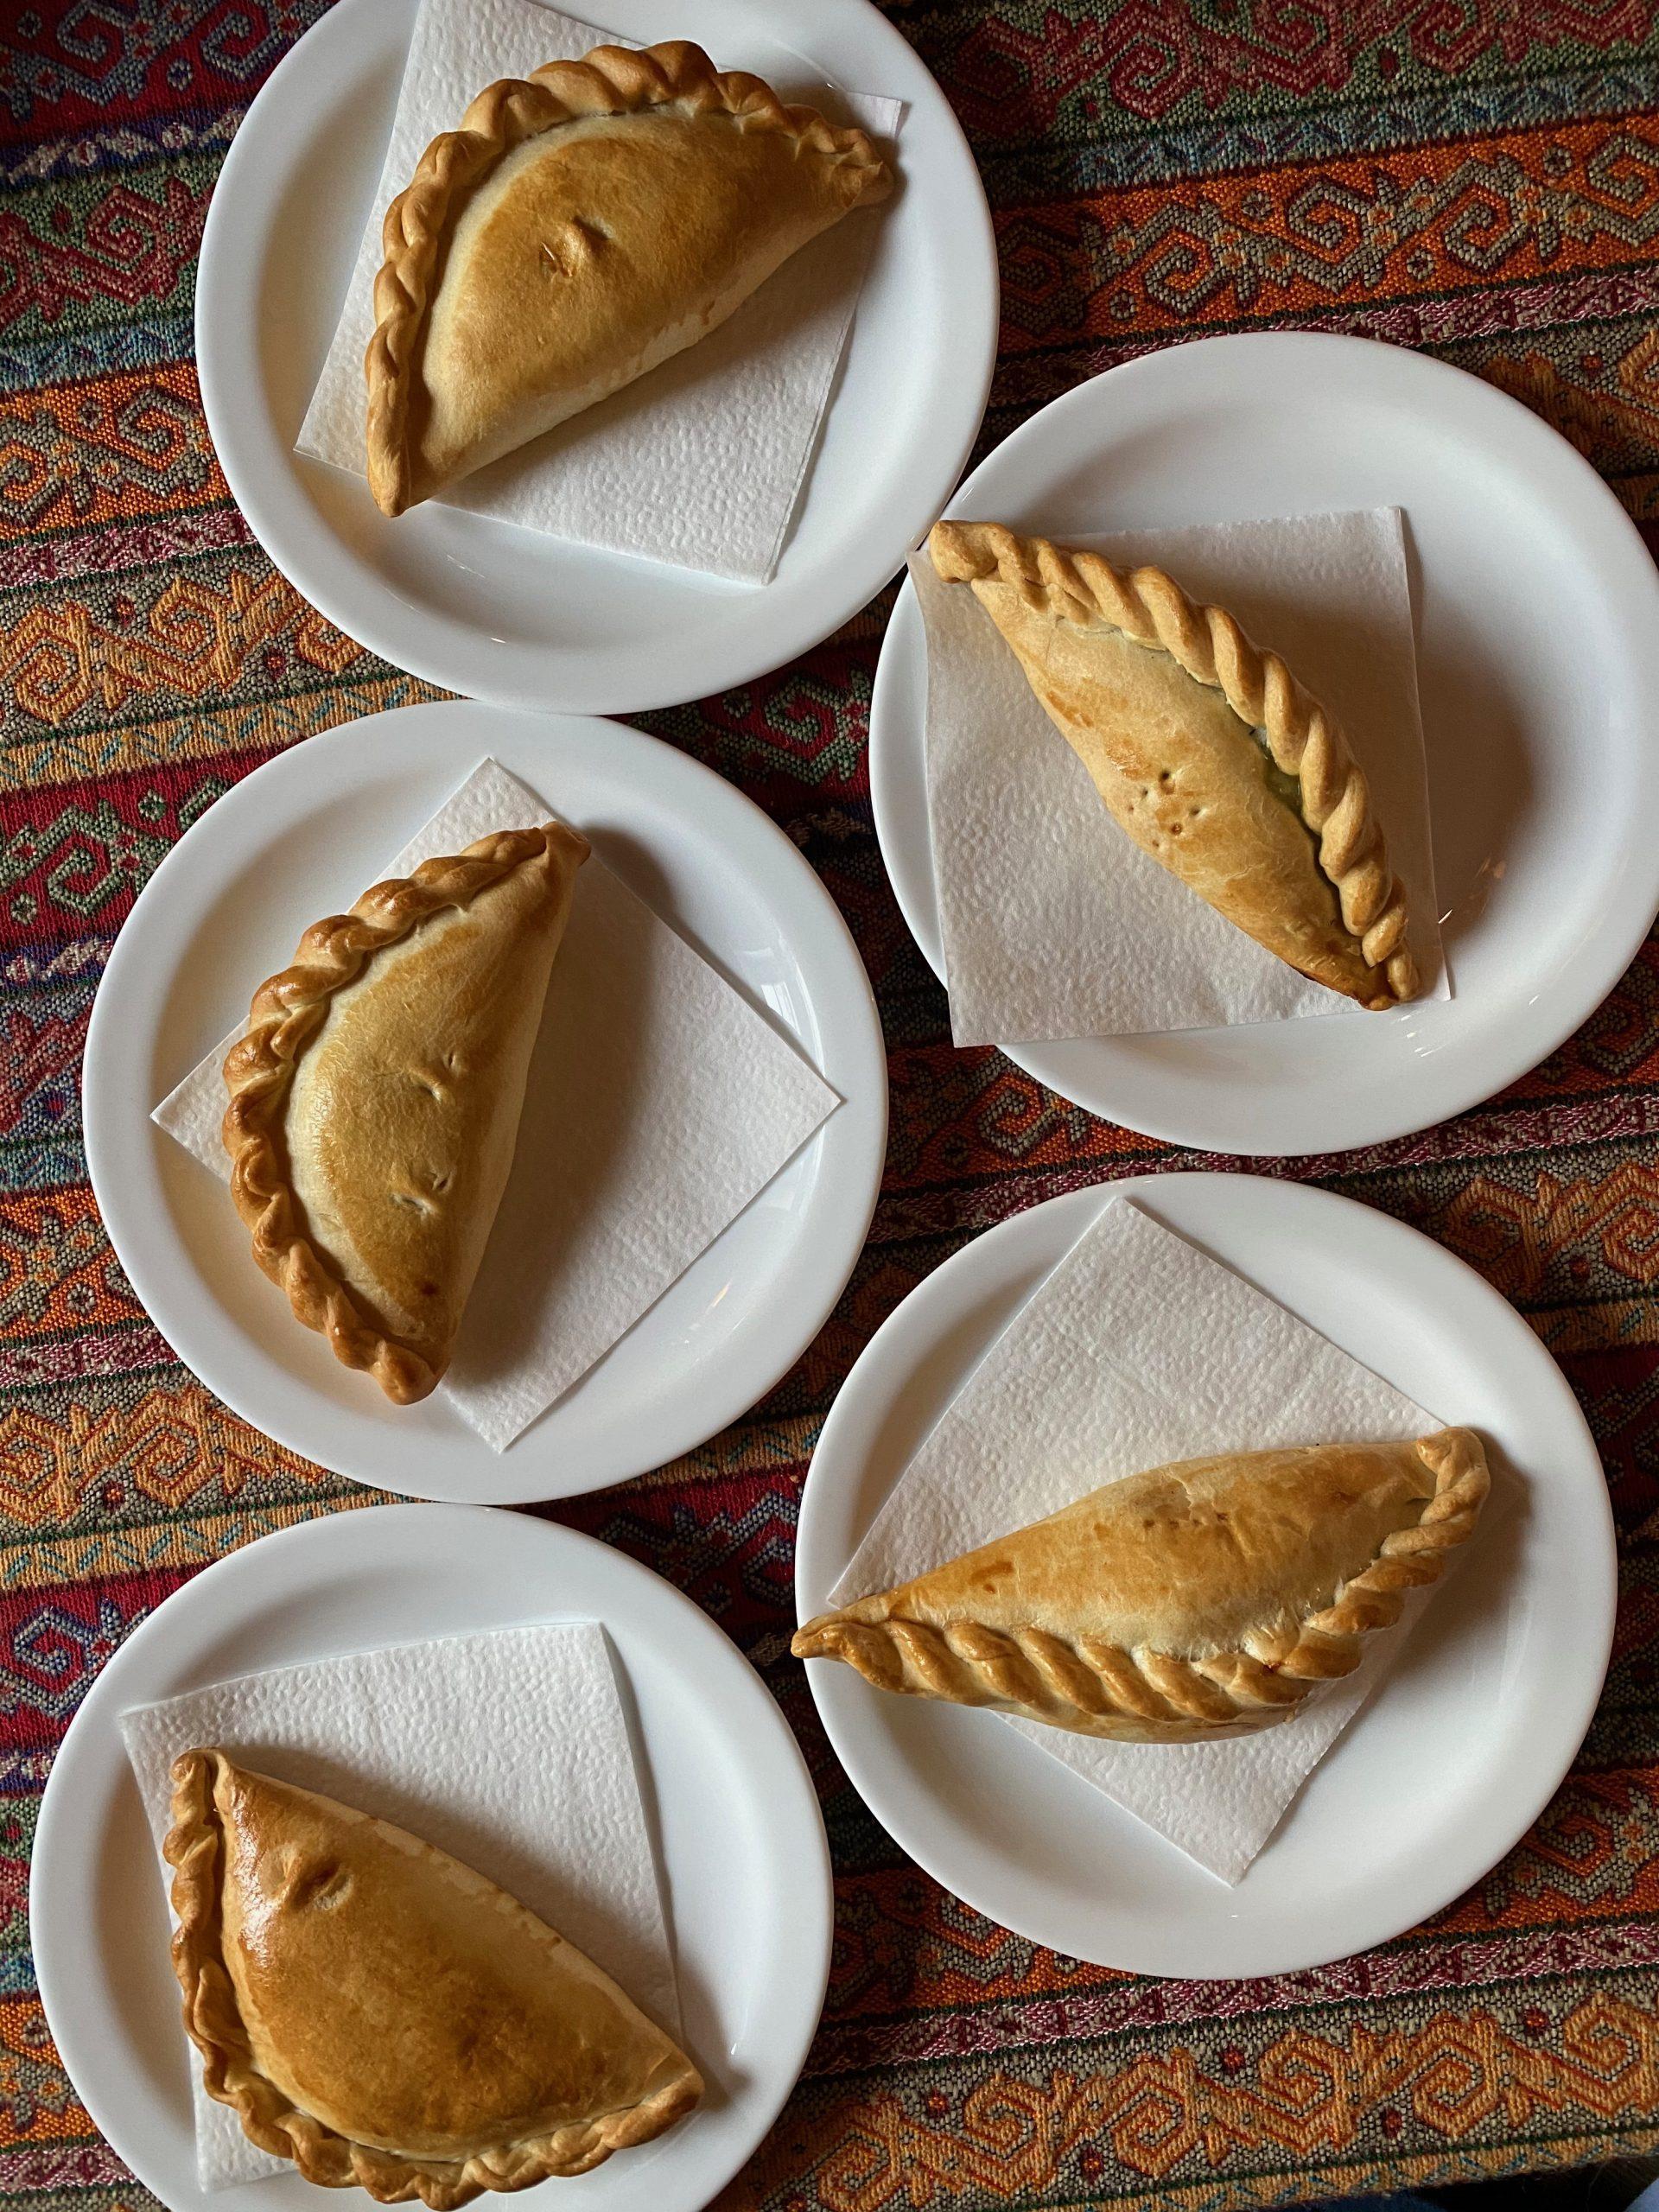 Kybynlar Restaurant | Küçük Dünya - Gezi Rehberi